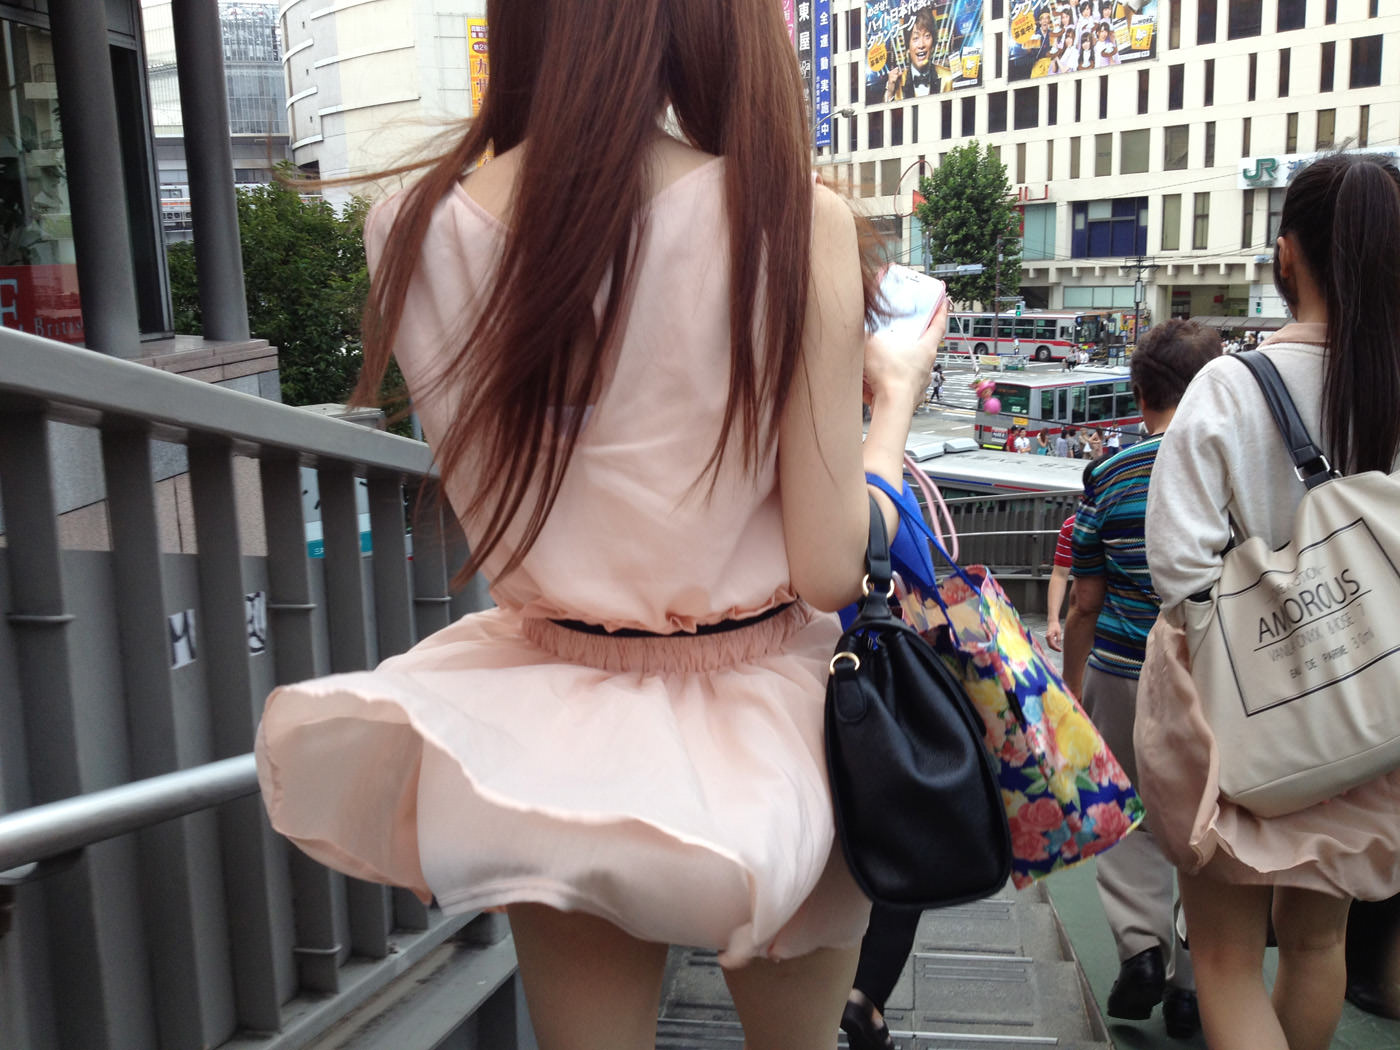 スカートが勢い良く舞い上がってパンチラ!